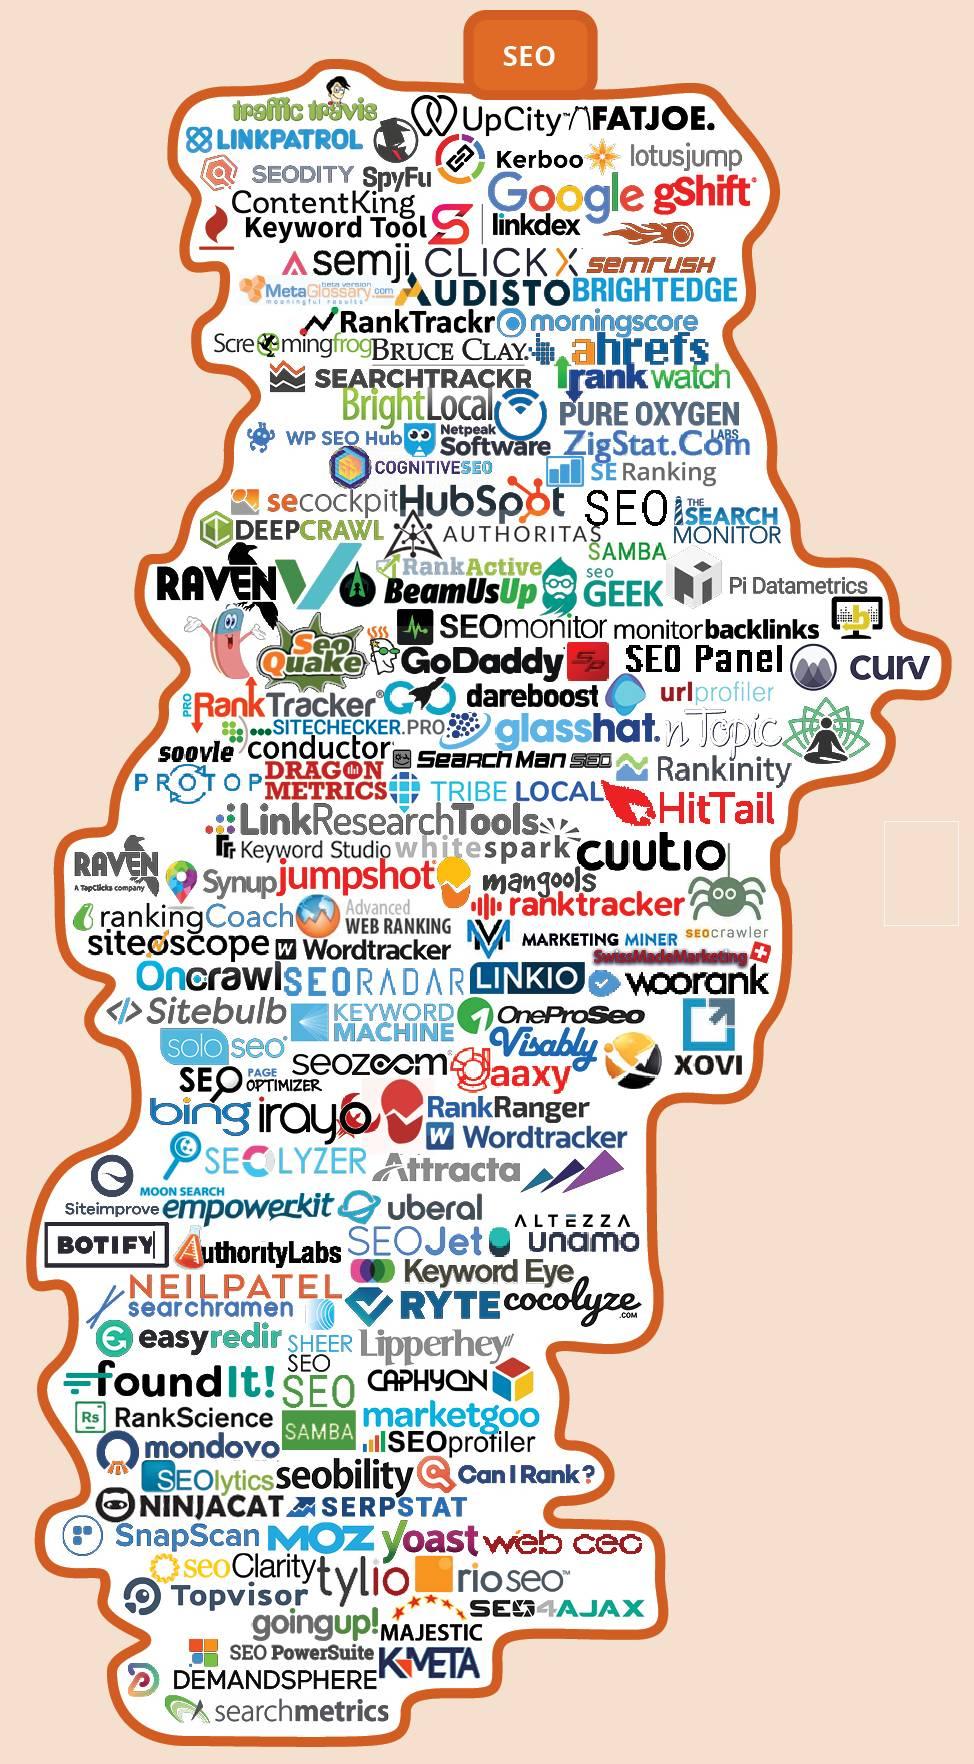 chiefmartec.com によるマーケティングテクノロジ勢力図の SEO カテゴリ内の 100 社以上のロゴ